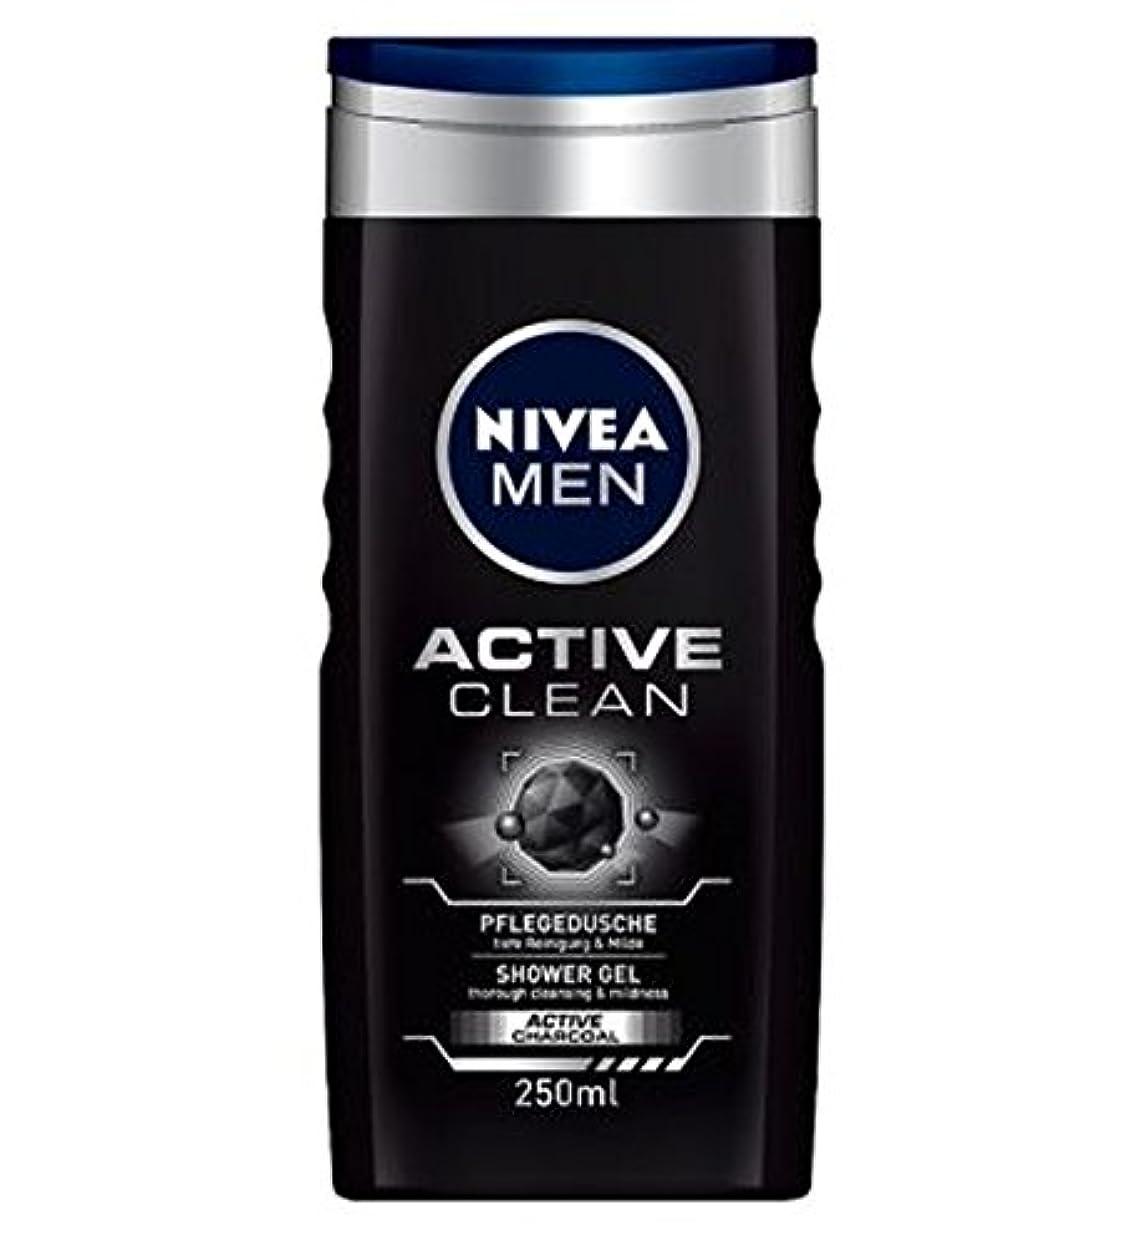 旅廃止不誠実ニベアの男性アクティブクリーンシャワージェル250ミリリットル (Nivea) (x2) - NIVEA MEN Active Clean Shower Gel 250ml (Pack of 2) [並行輸入品]